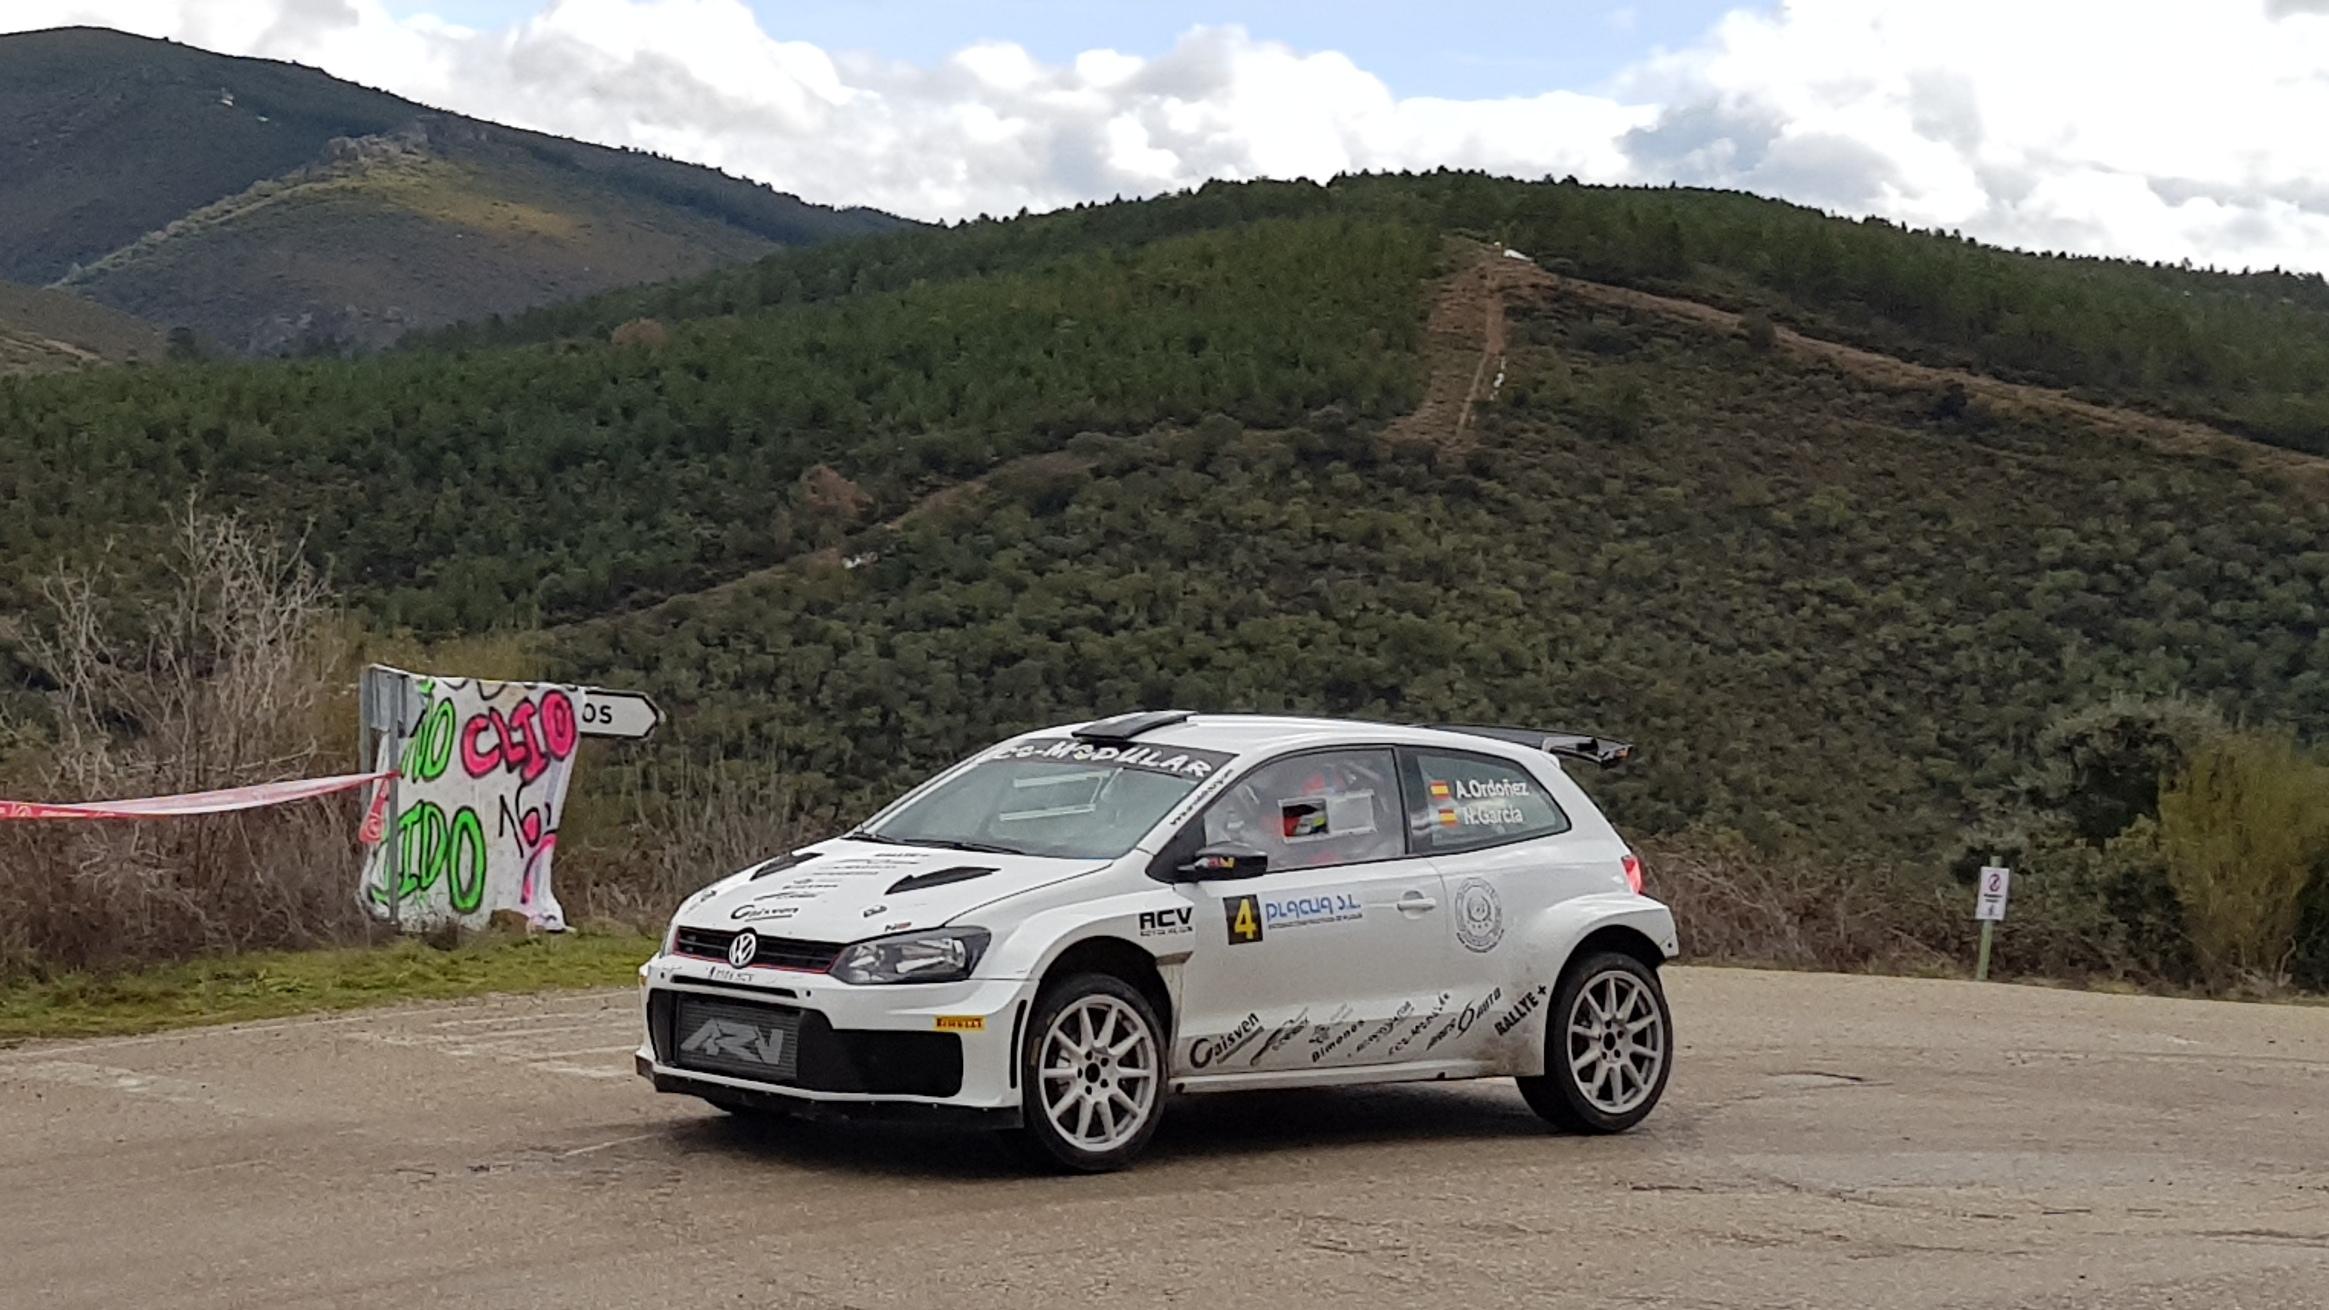 Alberto Ordóñez y Nacho García, vencedores del 3º Rallysprint de la Mencía